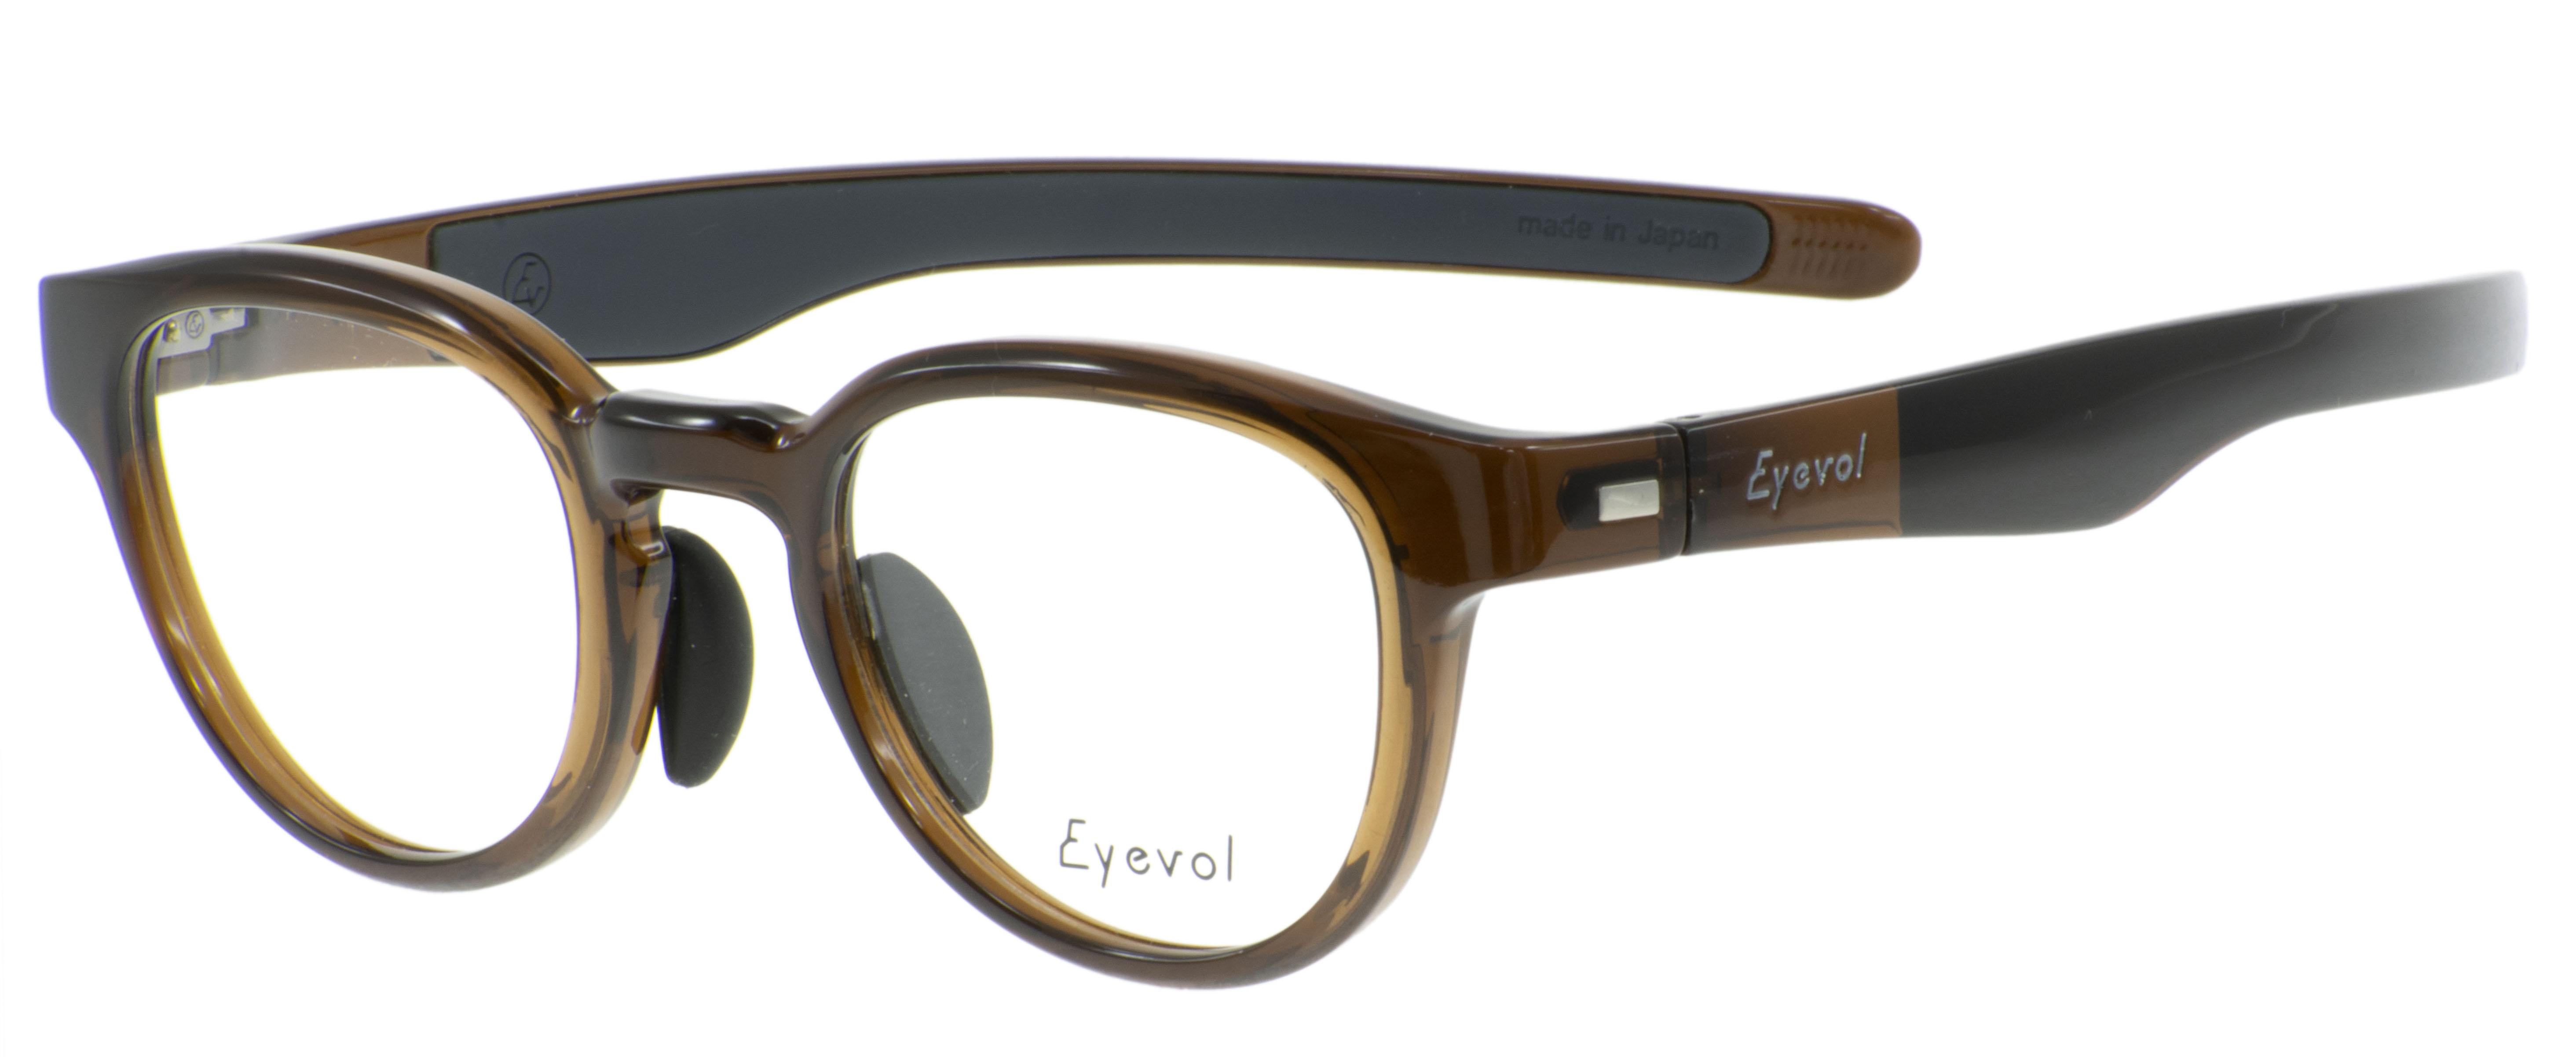 Eyevol BINGHAM 47 BRN LG ¥20,000 02